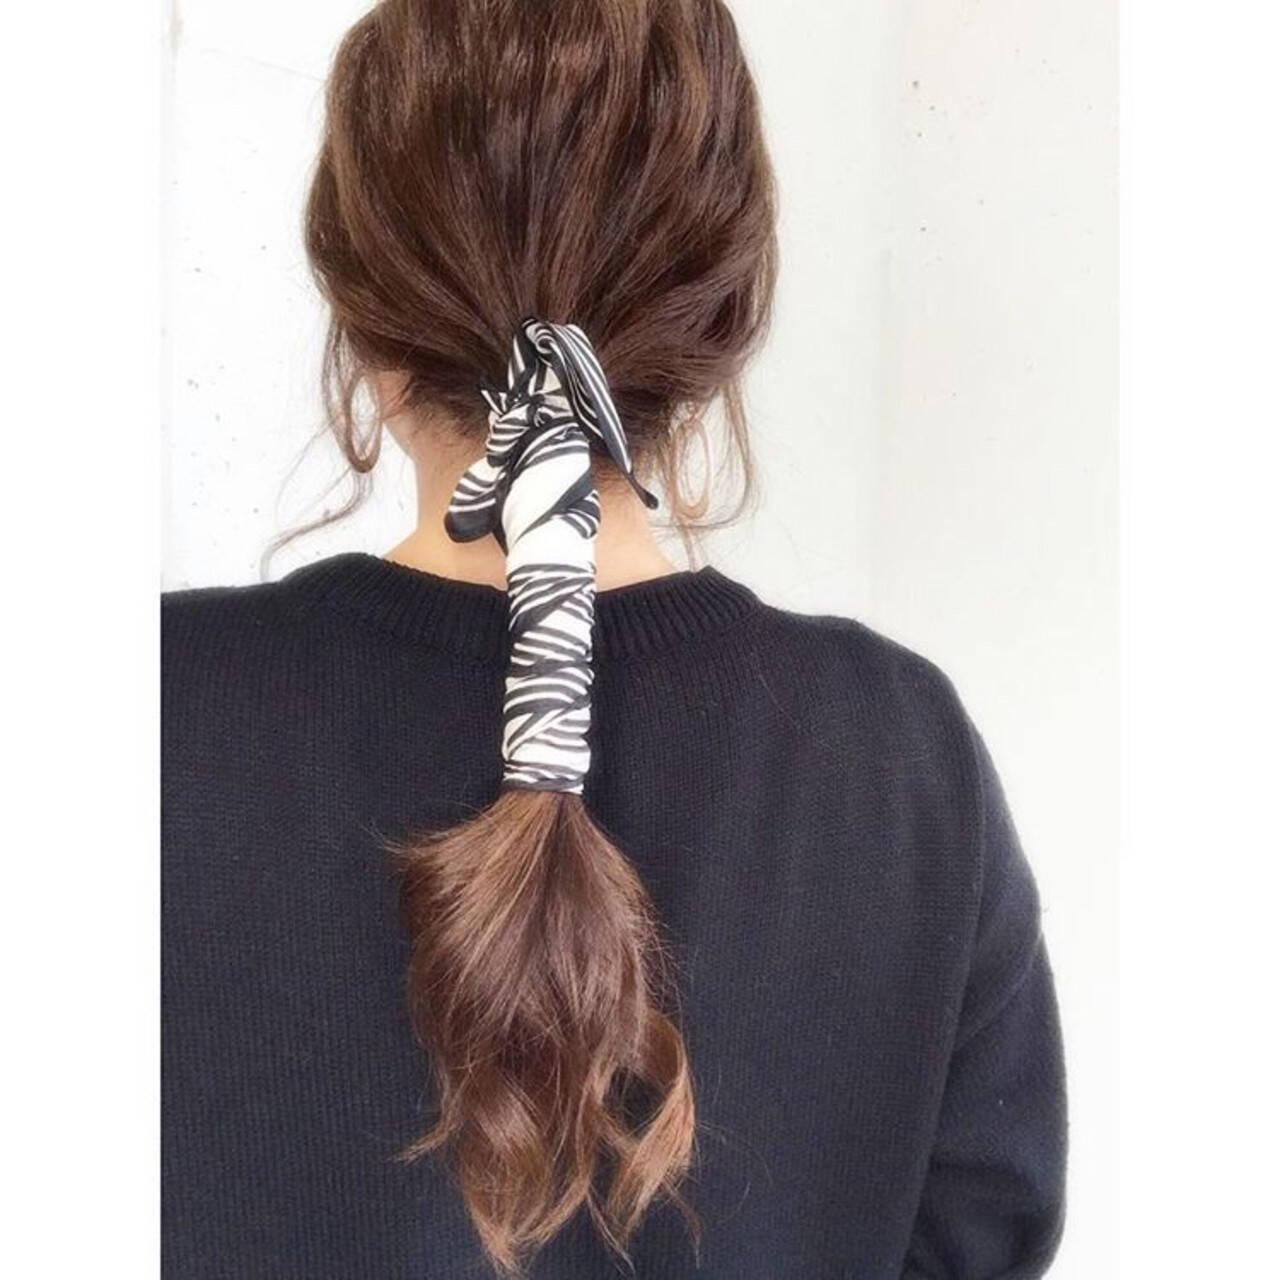 ロング ナチュラル スカーフアレンジ 可愛いヘアスタイルや髪型の写真・画像